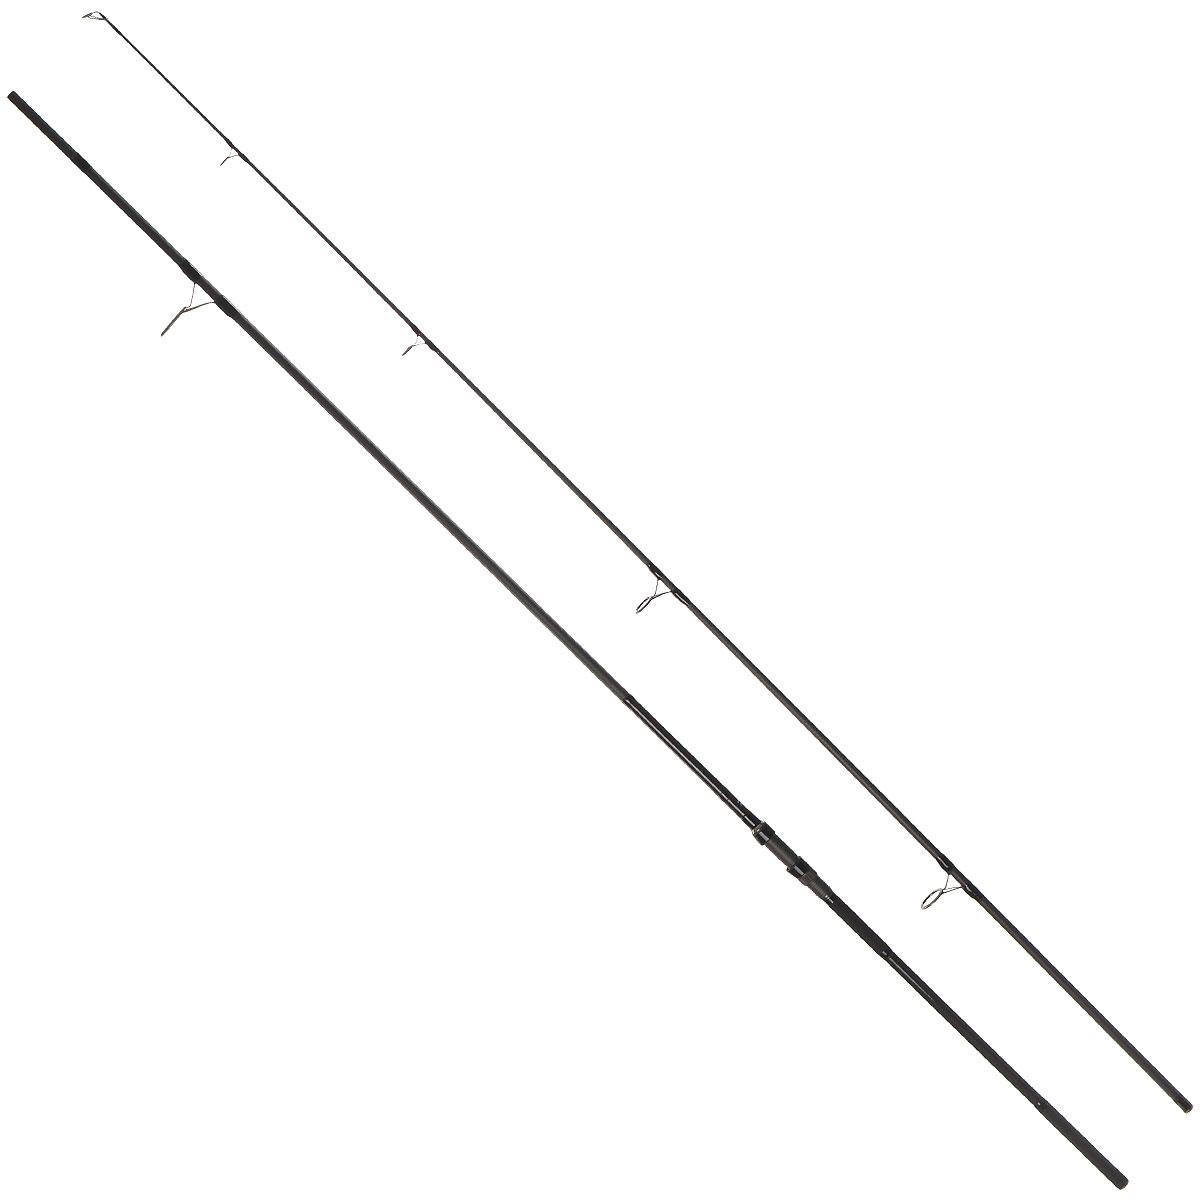 Удилище карповое Daiwa Regal Carp New, 3,9 м, 3,5 lbs0049546Классическое карповое удилище Daiwa Regal Carp New с мощным бланком и активной вершинкой. Отличается тонким бланком и невероятным балансом. Вершинка отлично отрабатывает во время заброса, тем самым позволяя достигать особой дальности. Во время вываживания нагрузка распространяется до комелевой части бланка. Удилище оснащено кольцами из оксида титана на одной лапке, FUJI, комелевой частью с перекрестной намоткой и высококлассной рукояткой из материала EVA. Модель оснащена 50 мм стартовым кольцом. Отличное соотношение цены и качества. Тест: 3,5 lbs.